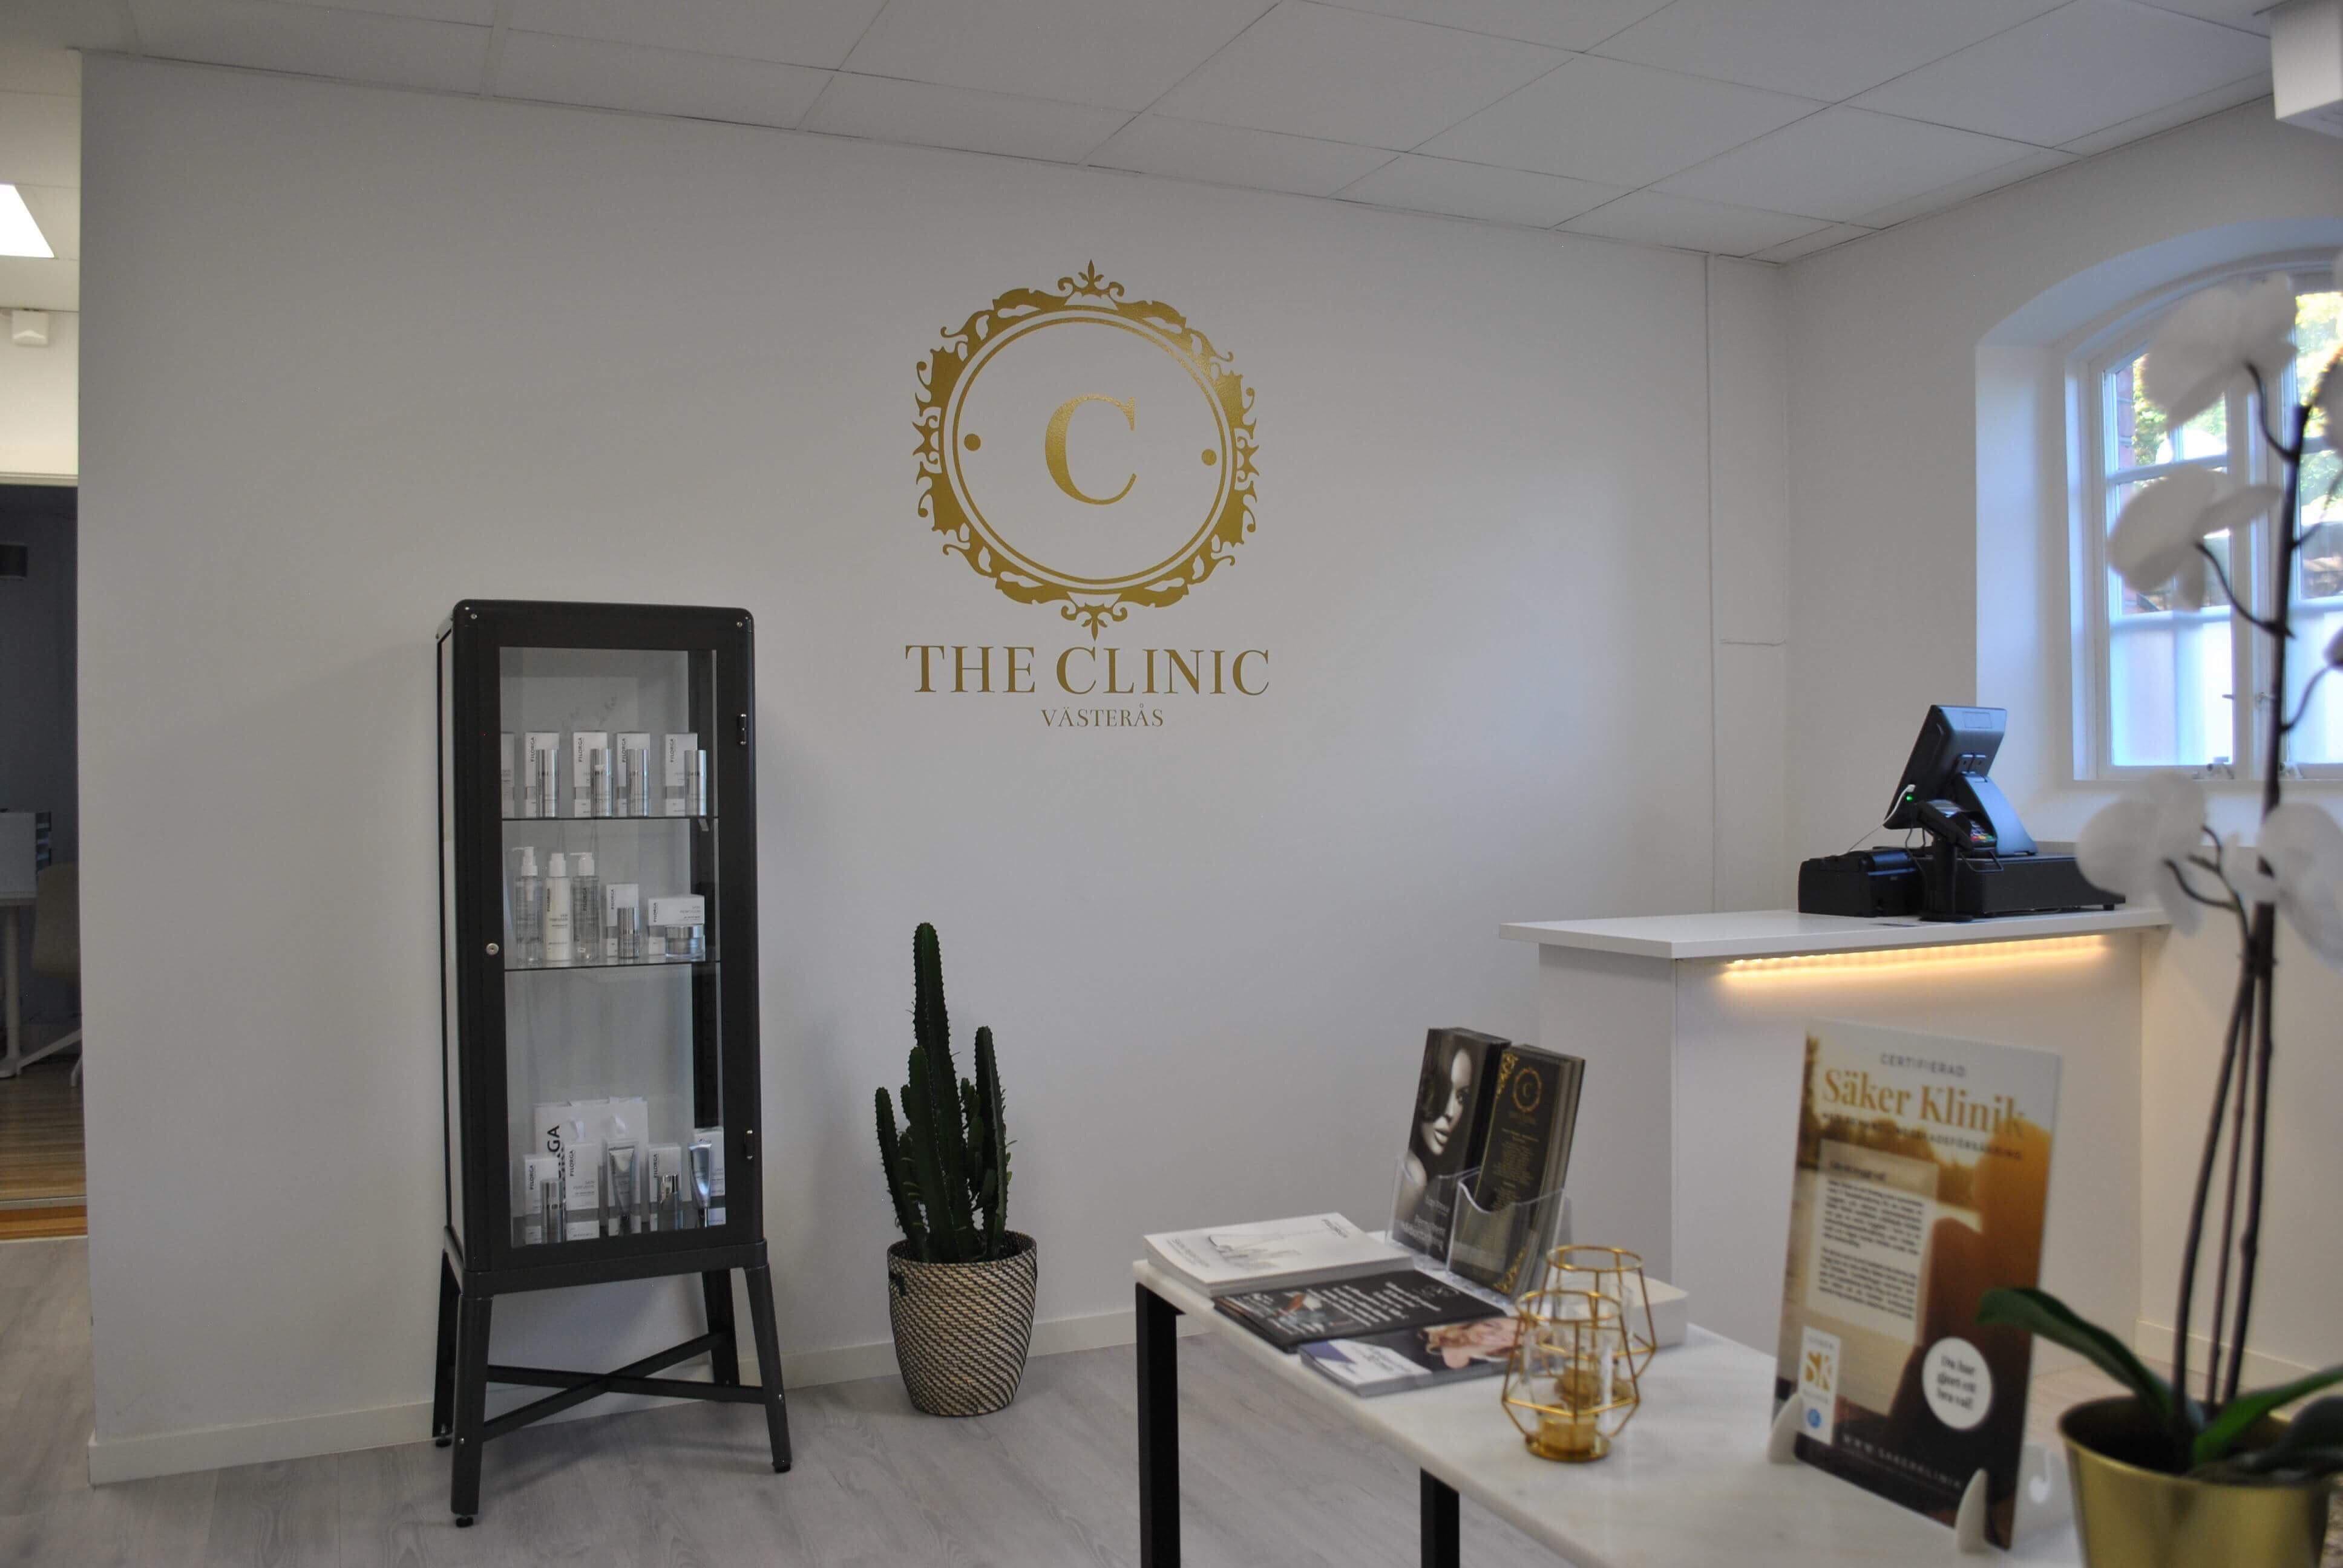 The Clinics lokal i Västerås